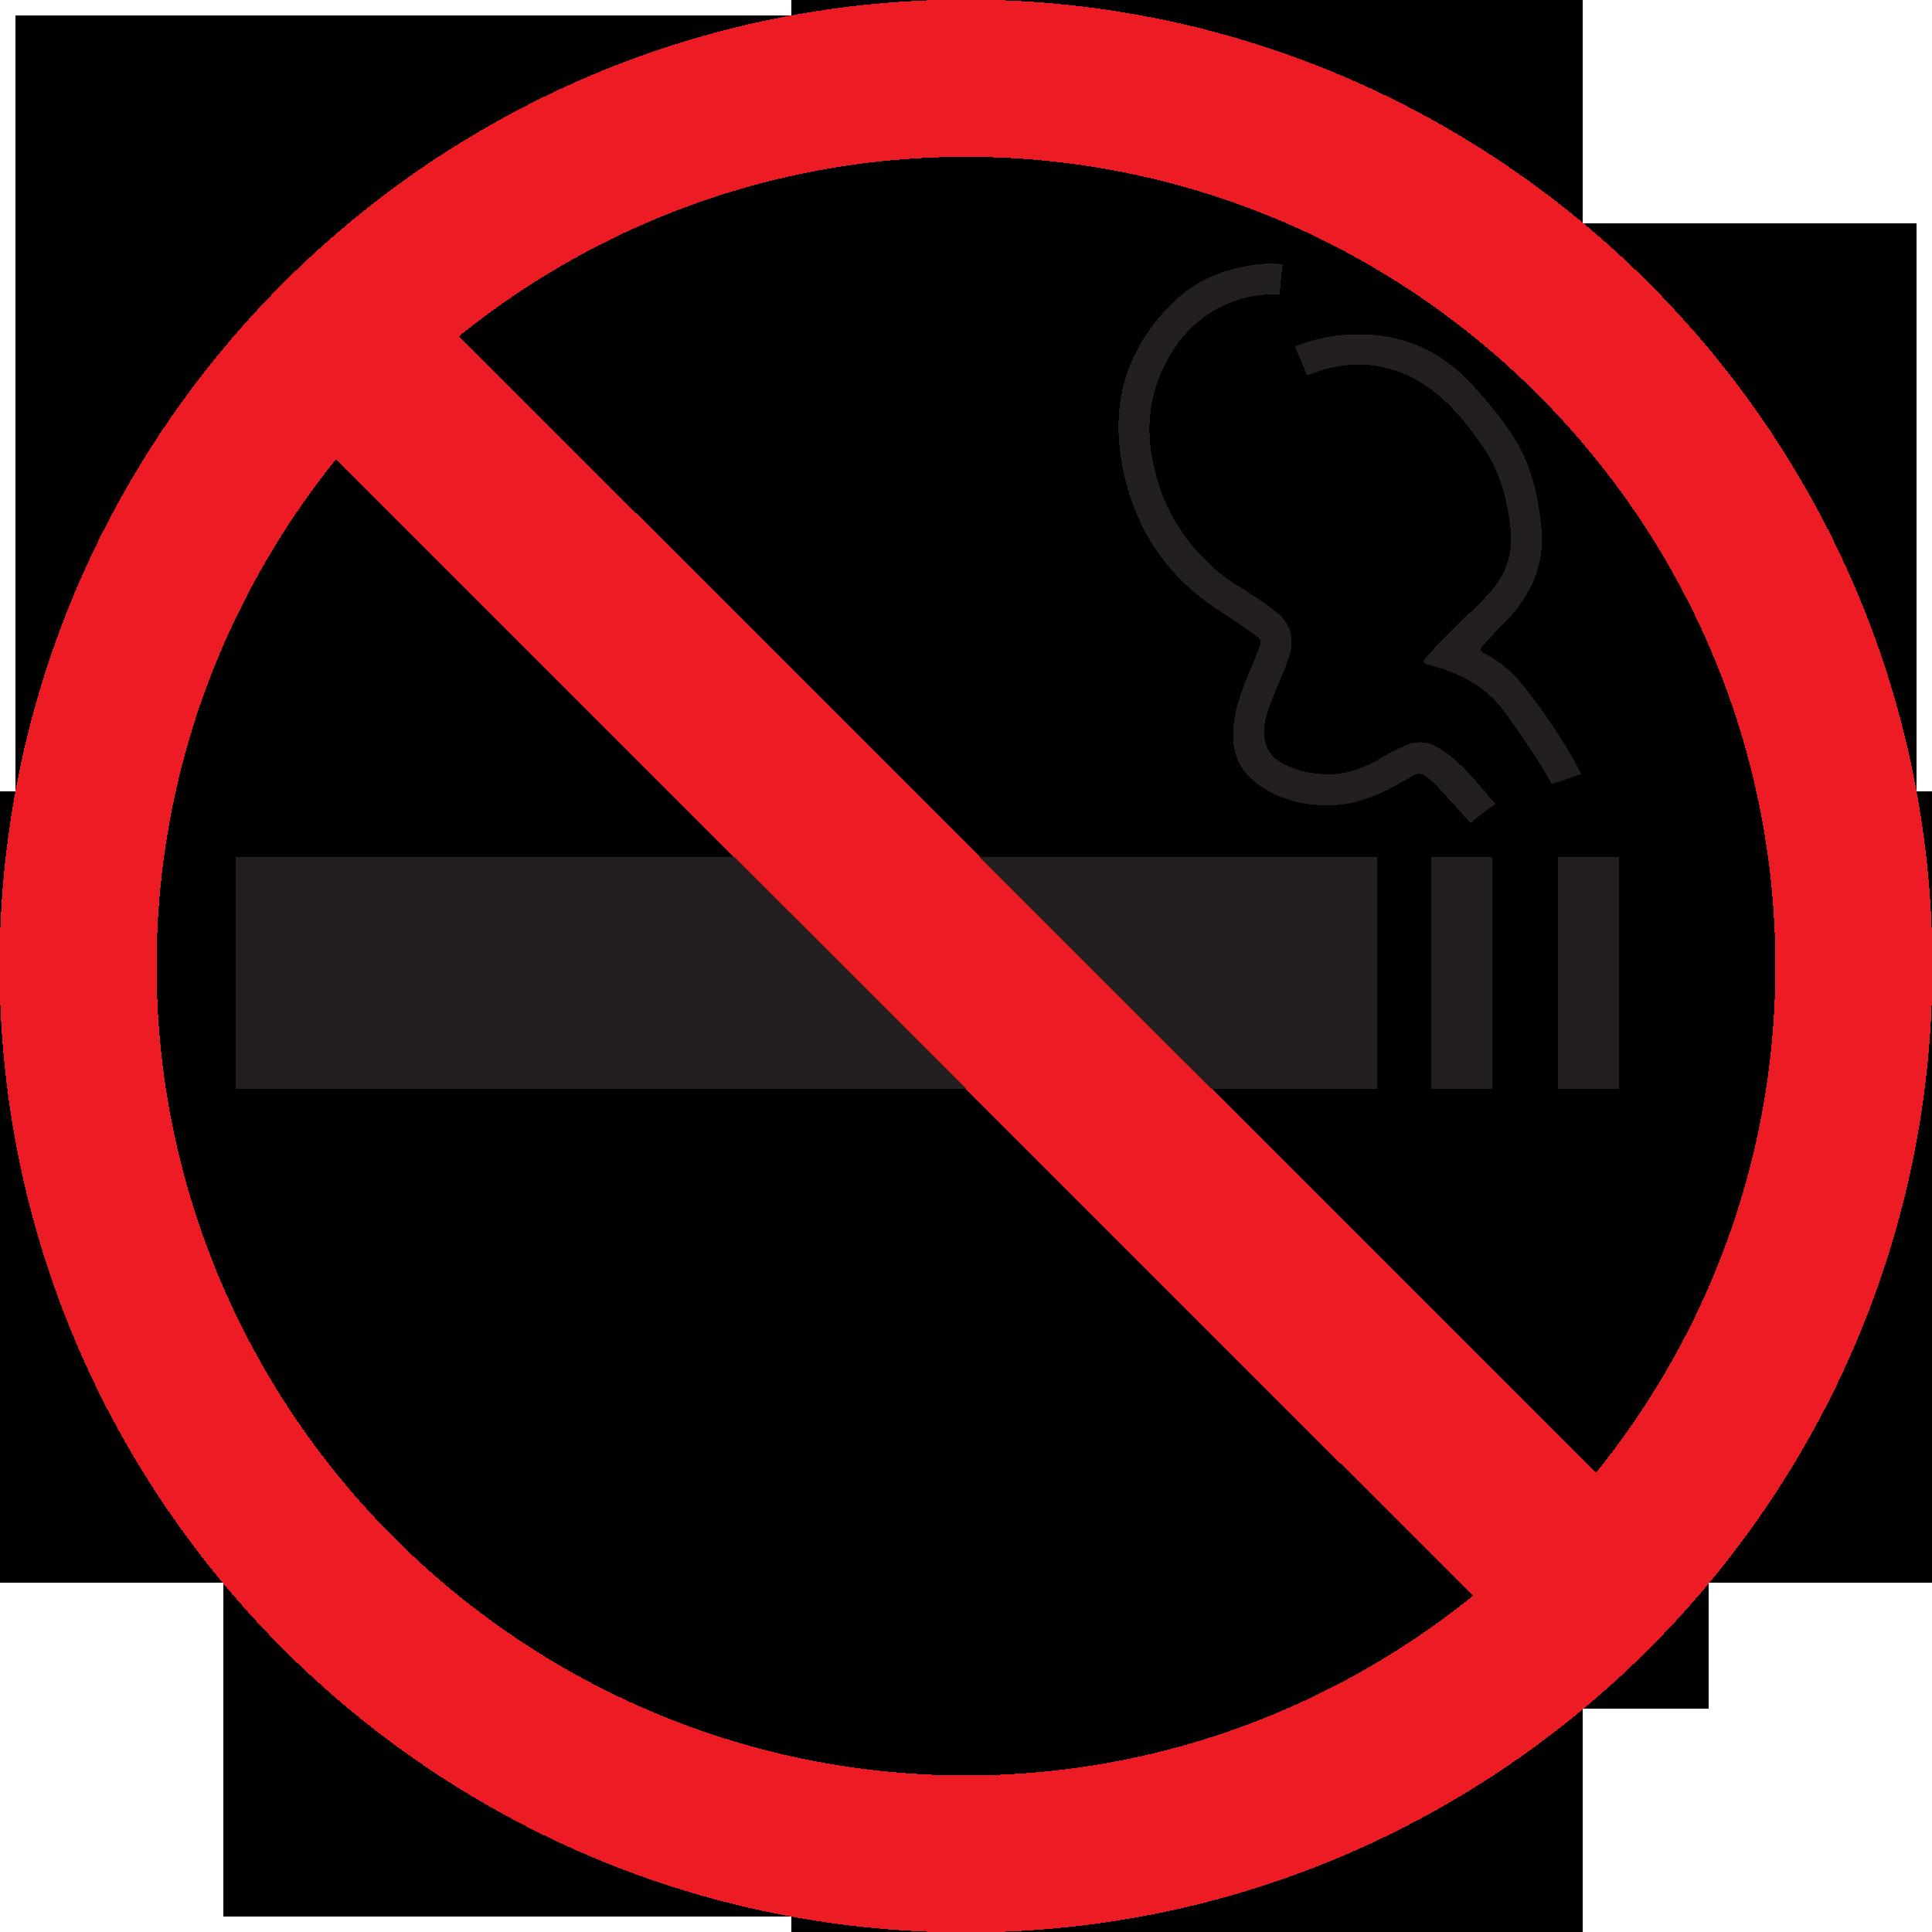 Знак запрещающий Т340 Дополнительный знак о запрете курения (Пленка 100 x 100)